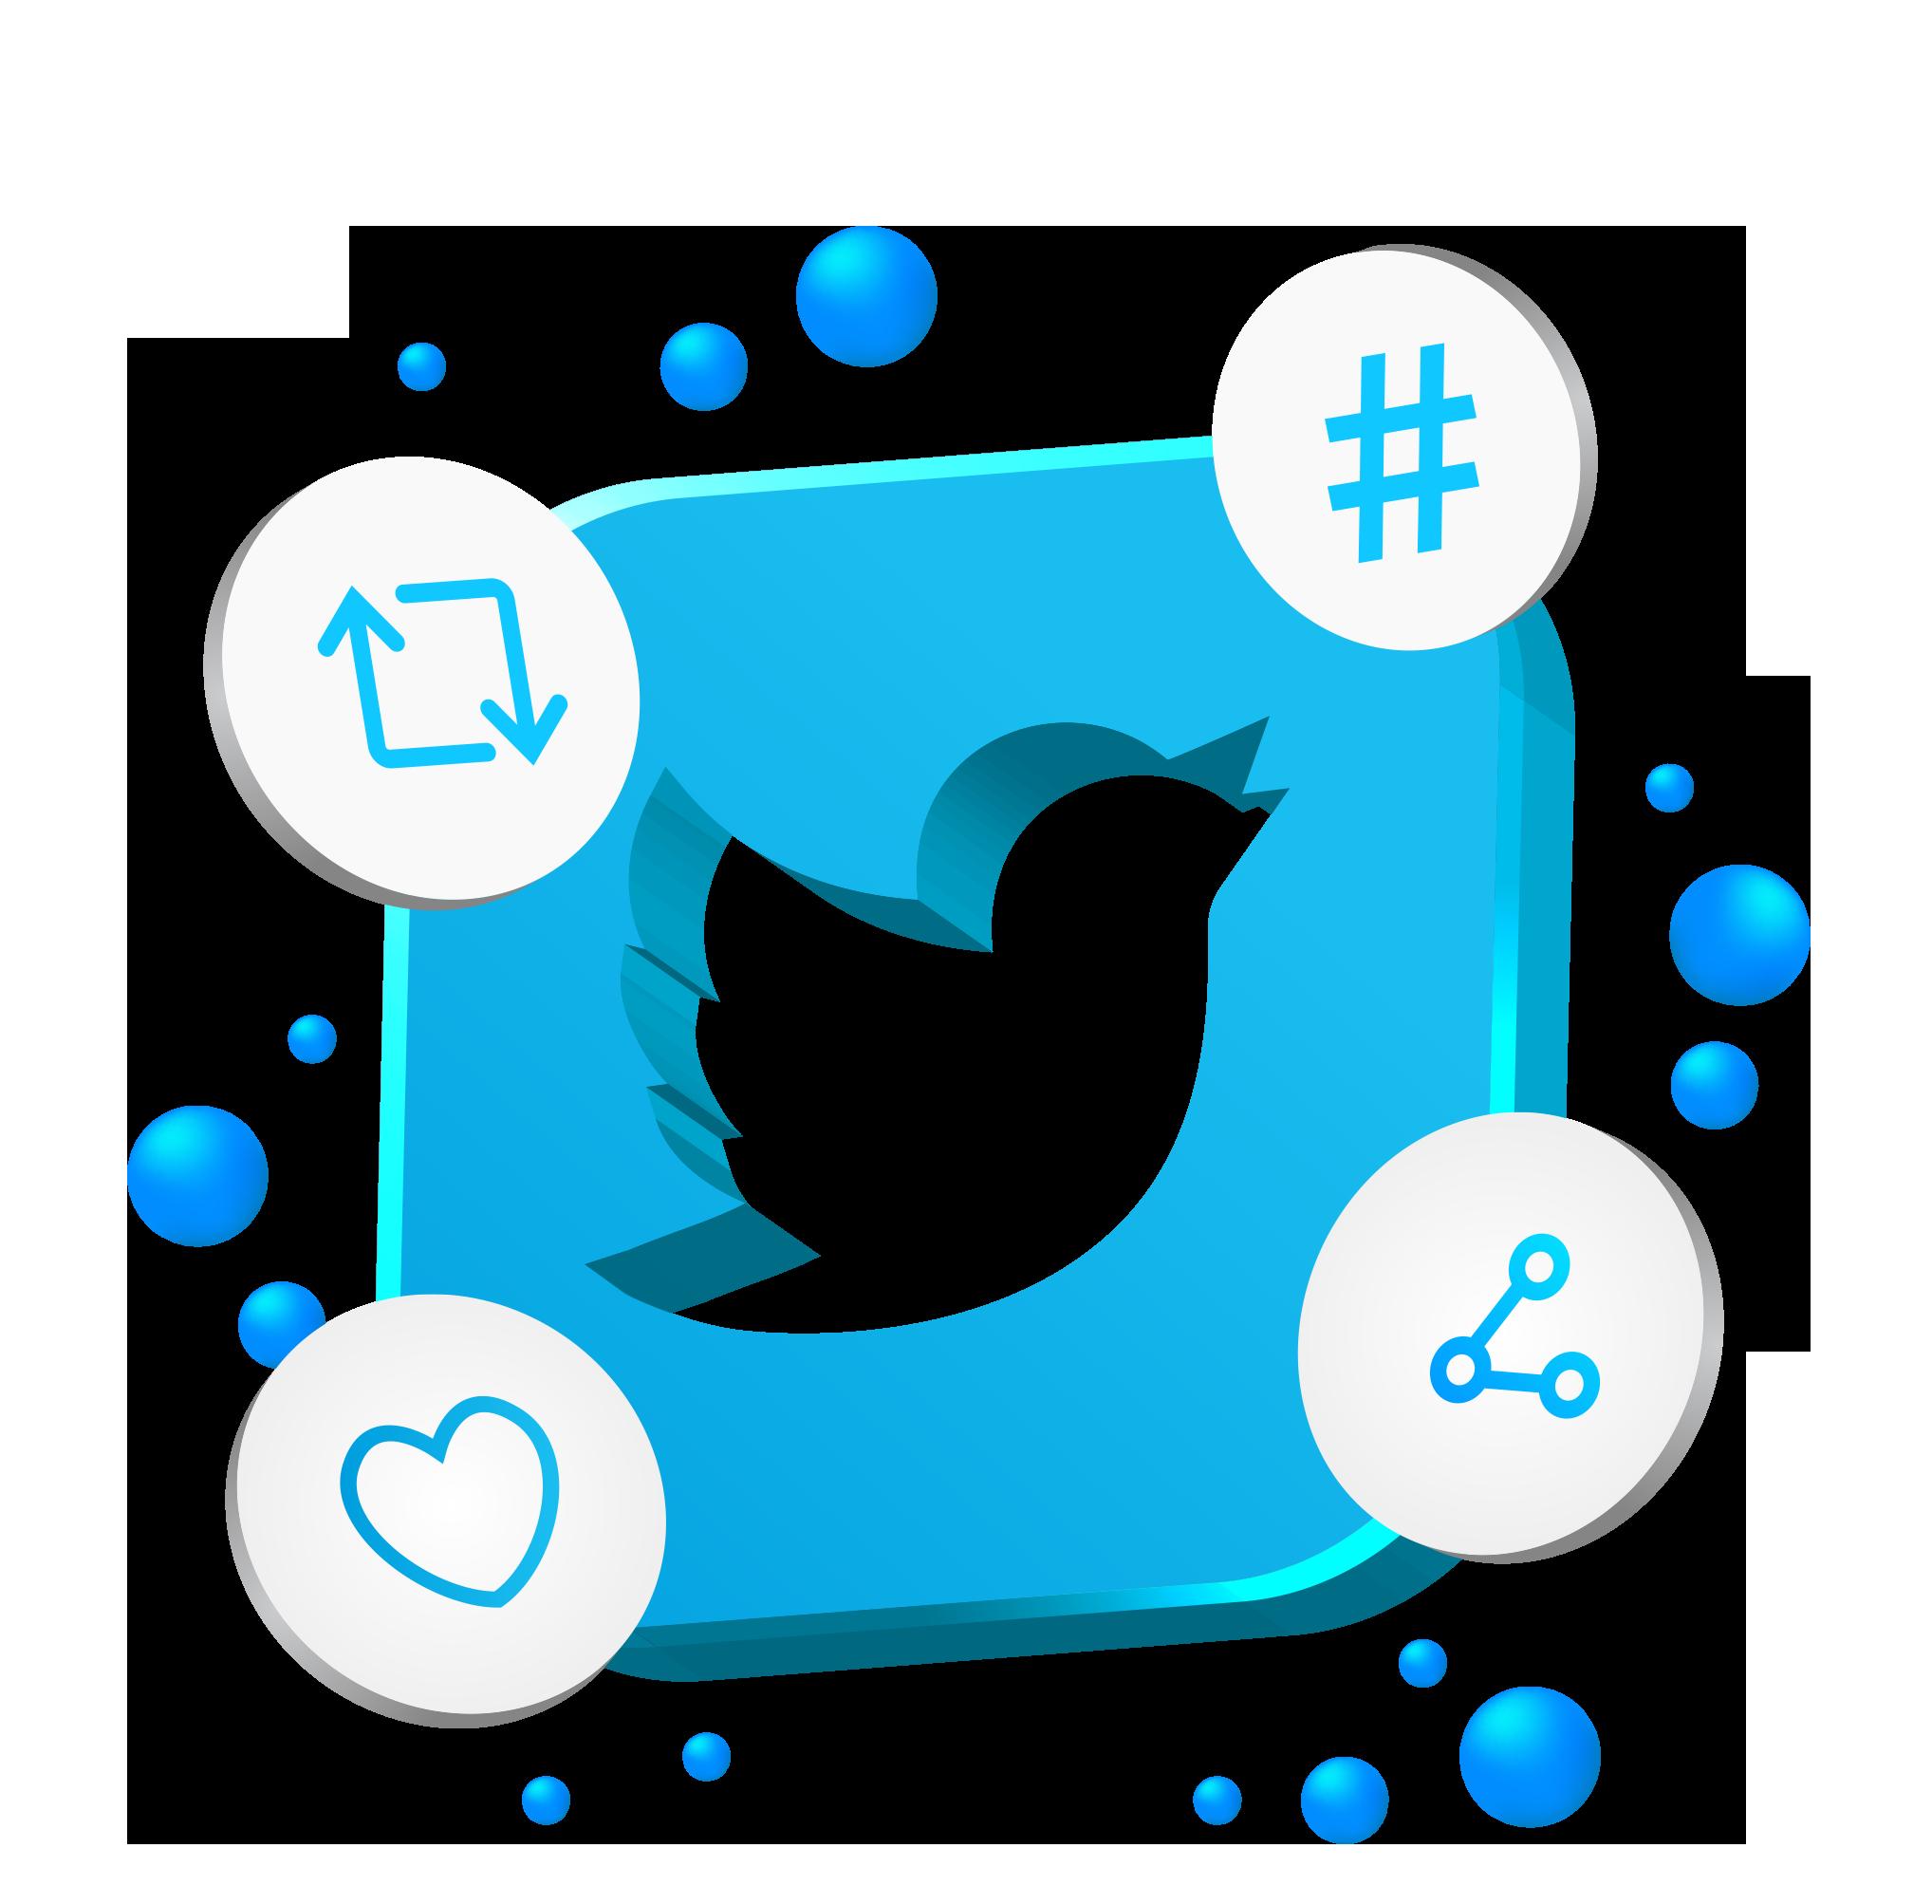 باقات زيادة متابعين التويتر